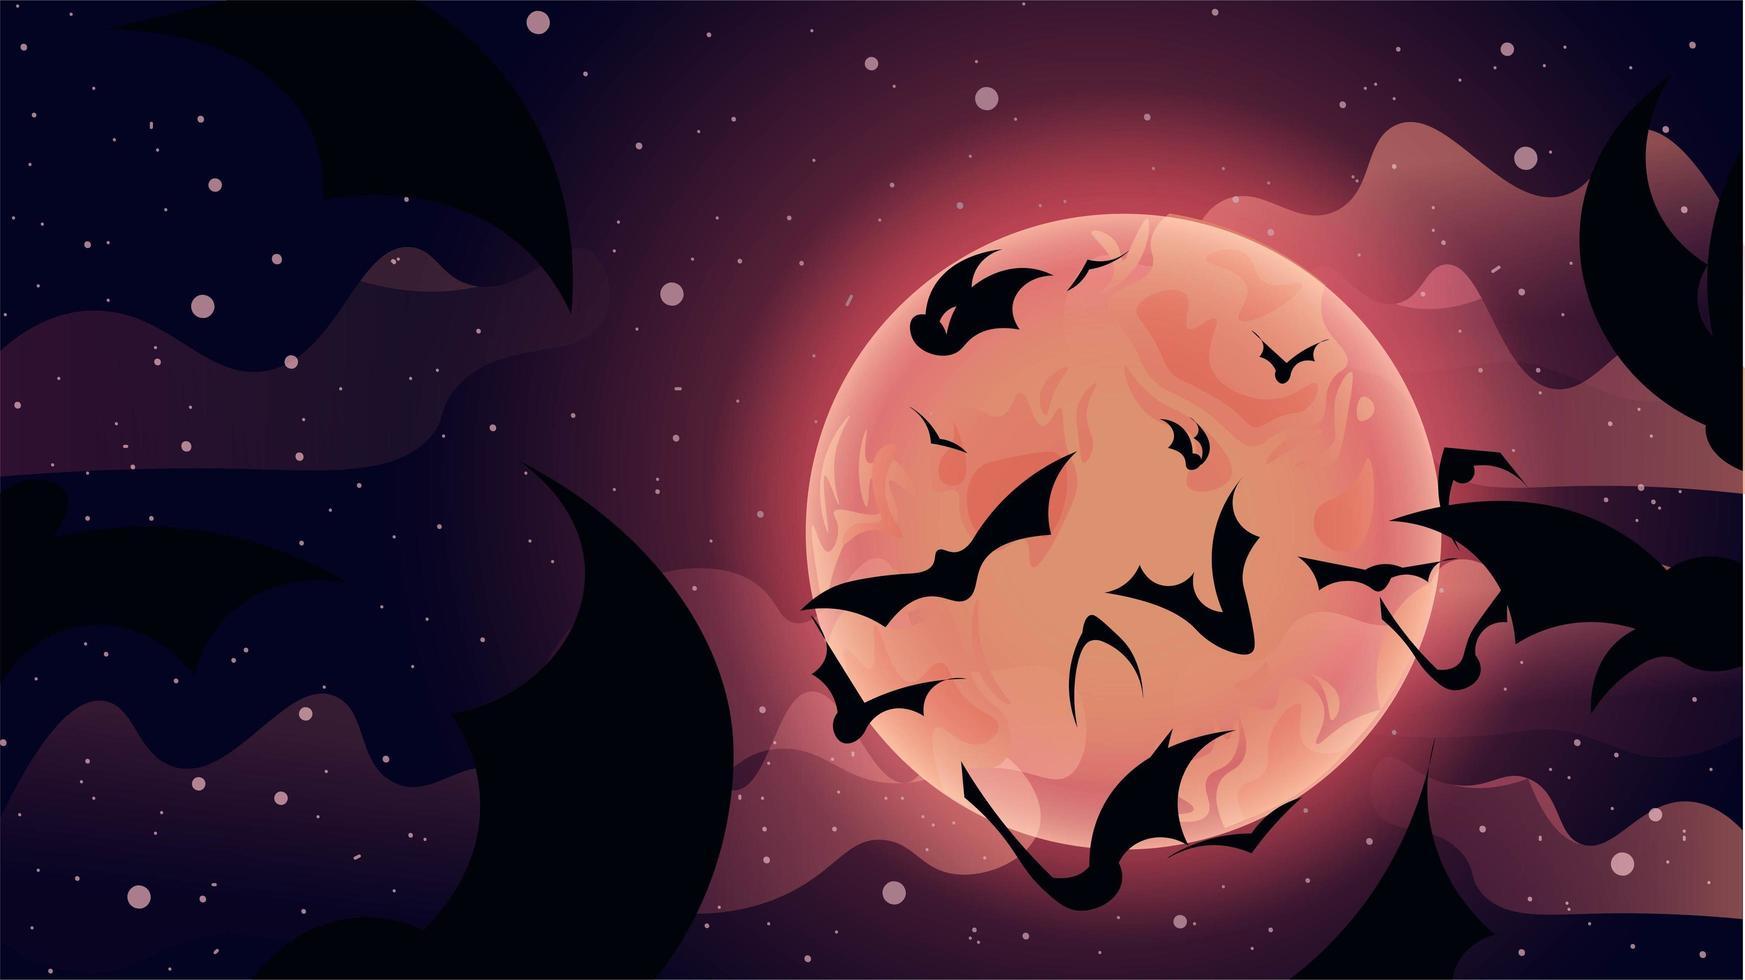 vleermuizen vliegen omhoog naar de scène van de hemelmaan vector